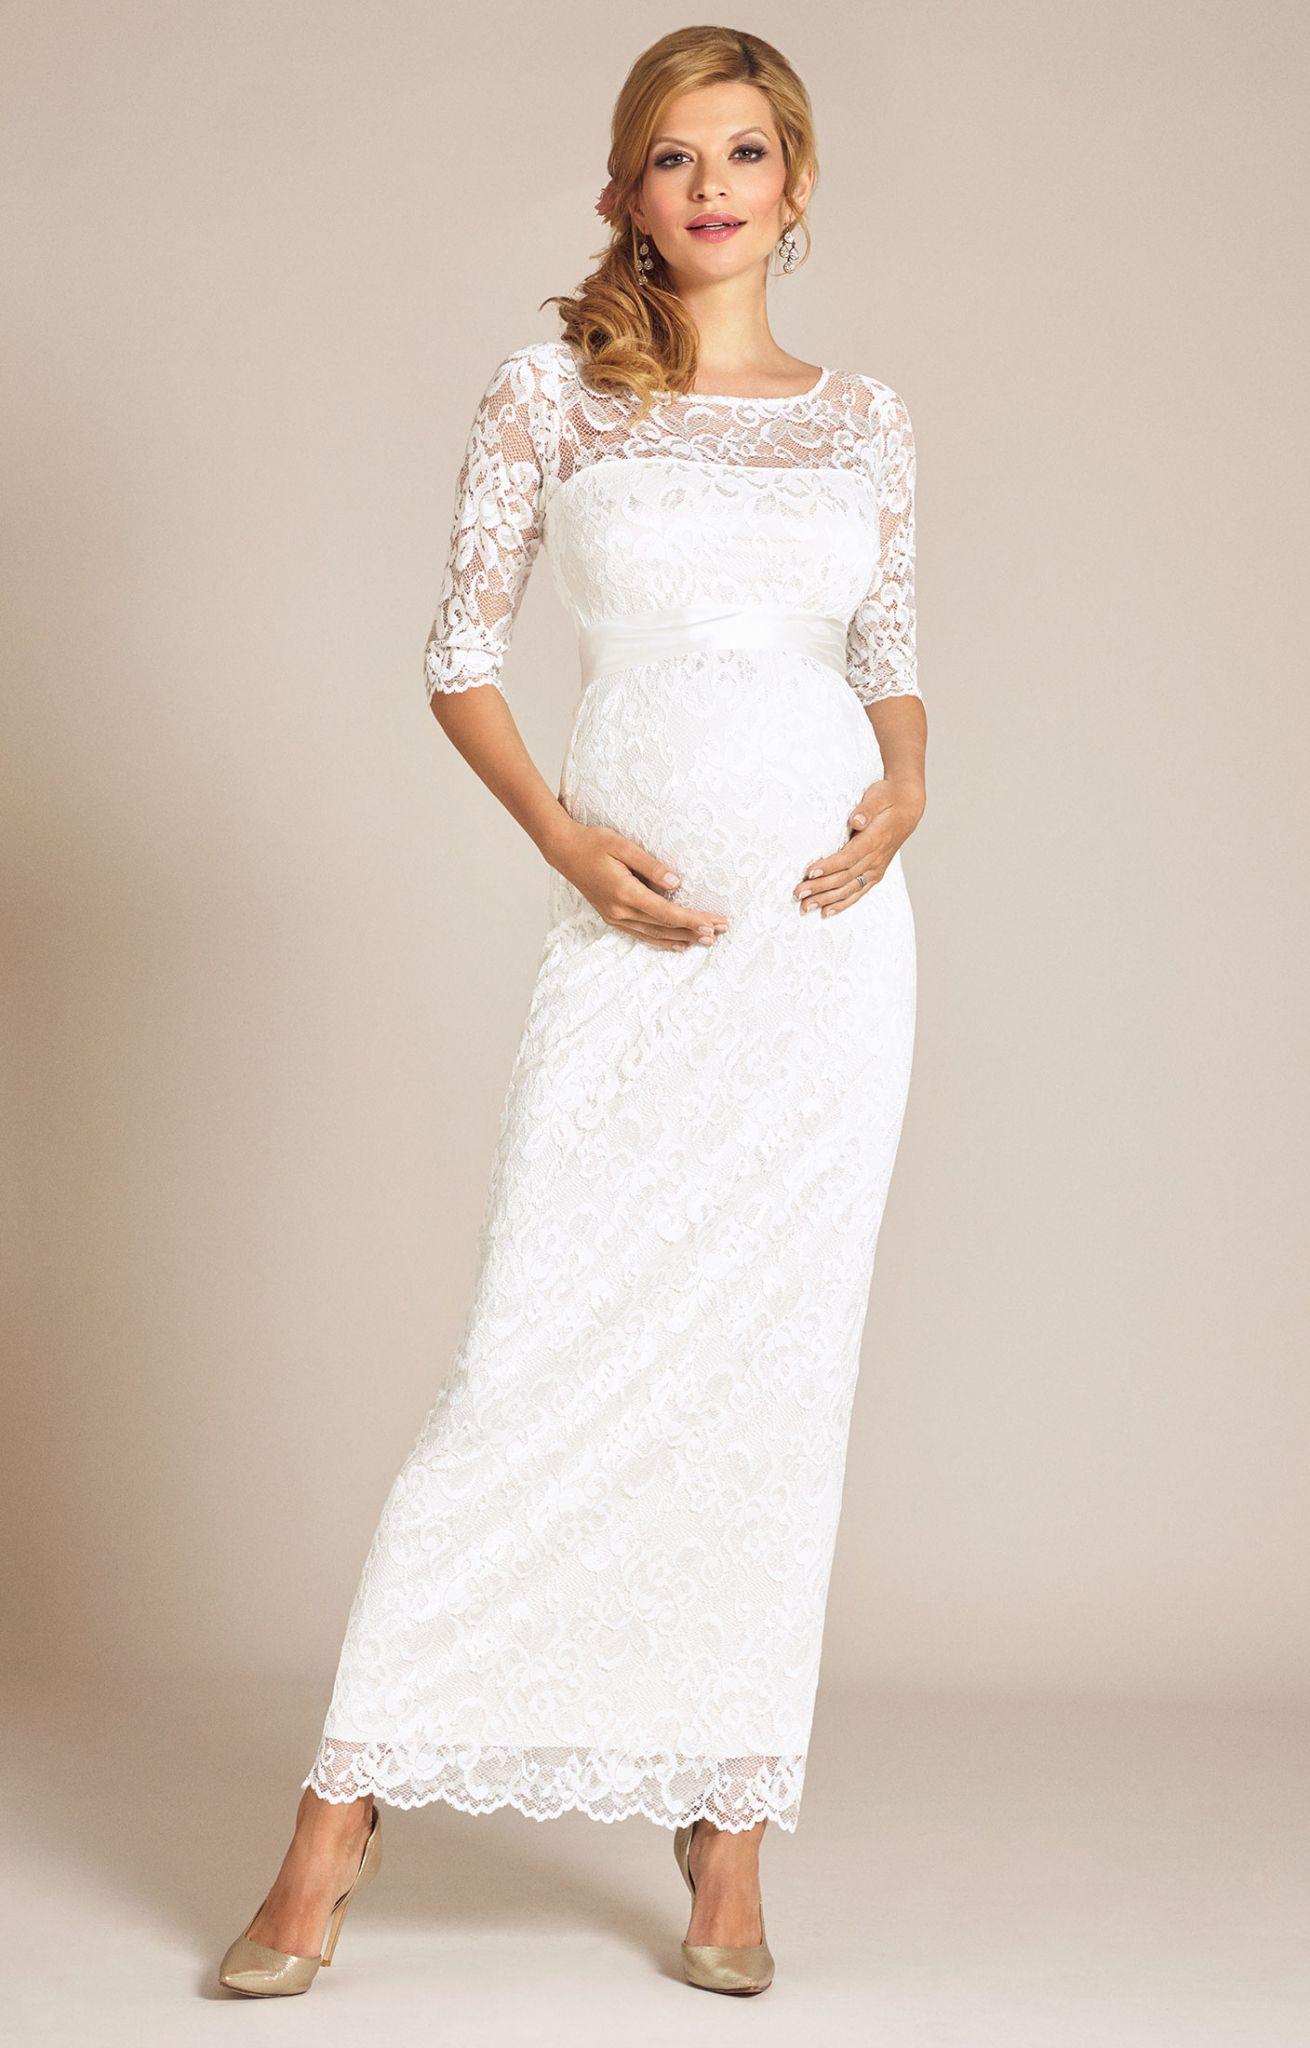 White maternity wedding dress  Beautiful Lace Maternity Wedding Dress Check more at svesty